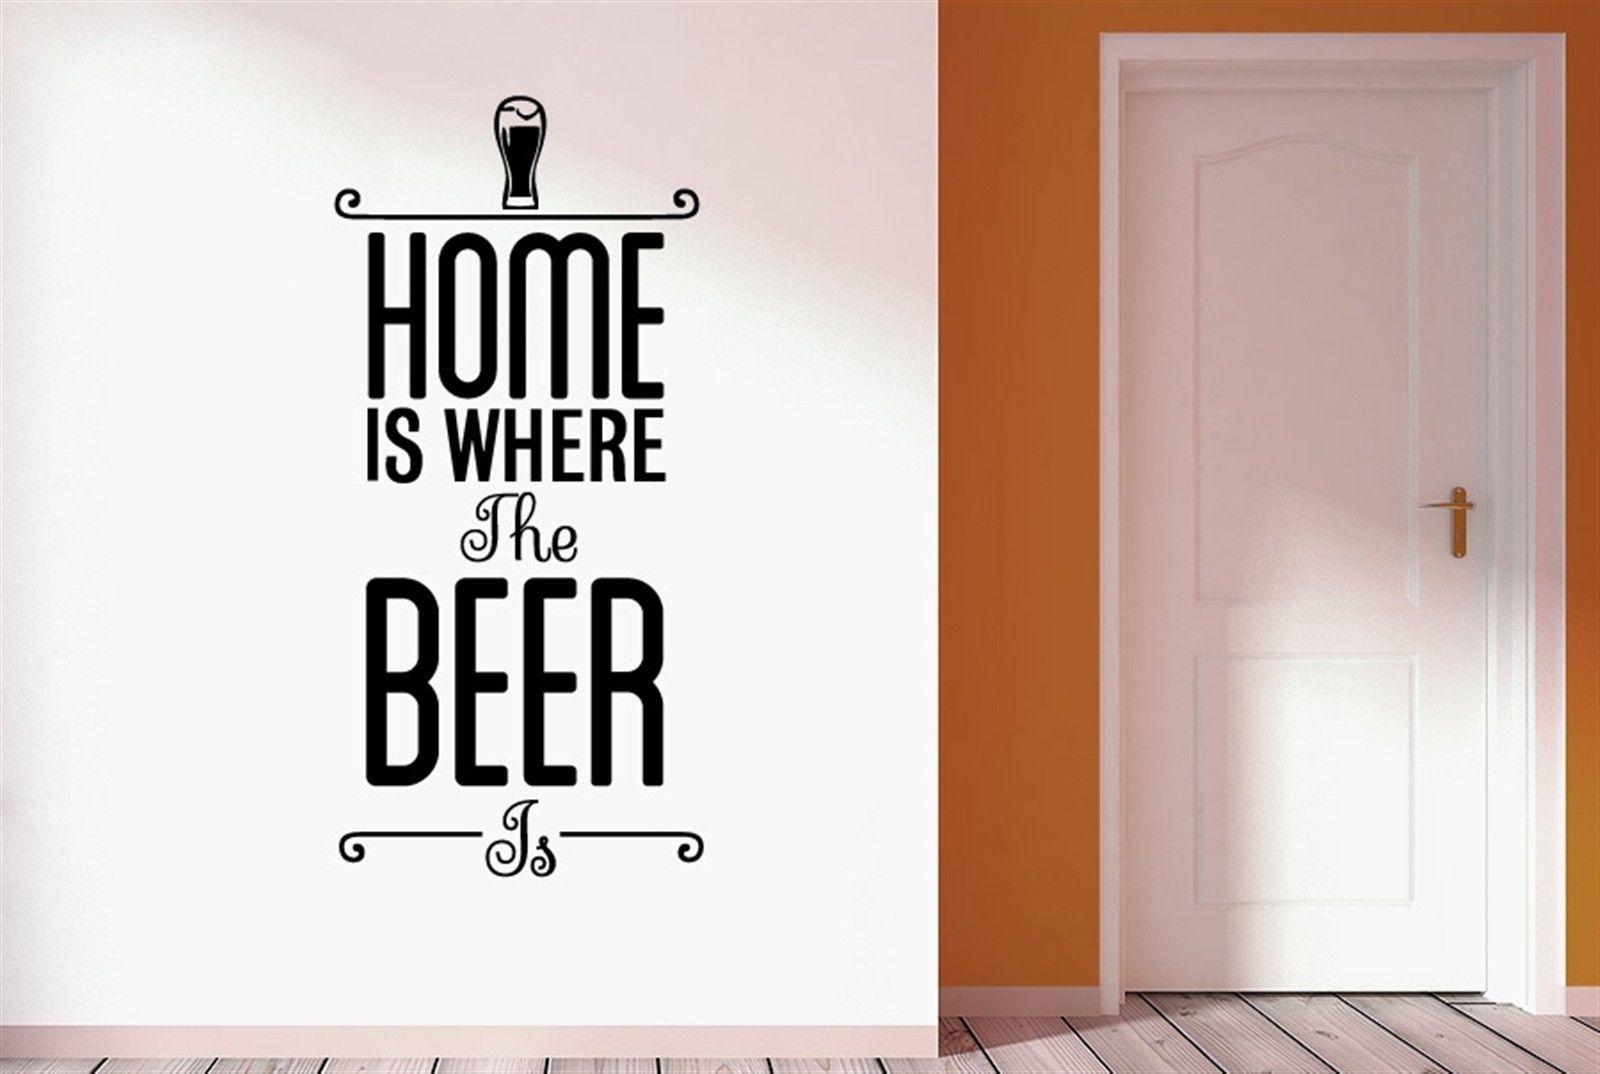 bier sprüche englisch Q012 Heißer Englisch Zuhause Ist, Wo Das Bier Wandsticker Decals  bier sprüche englisch